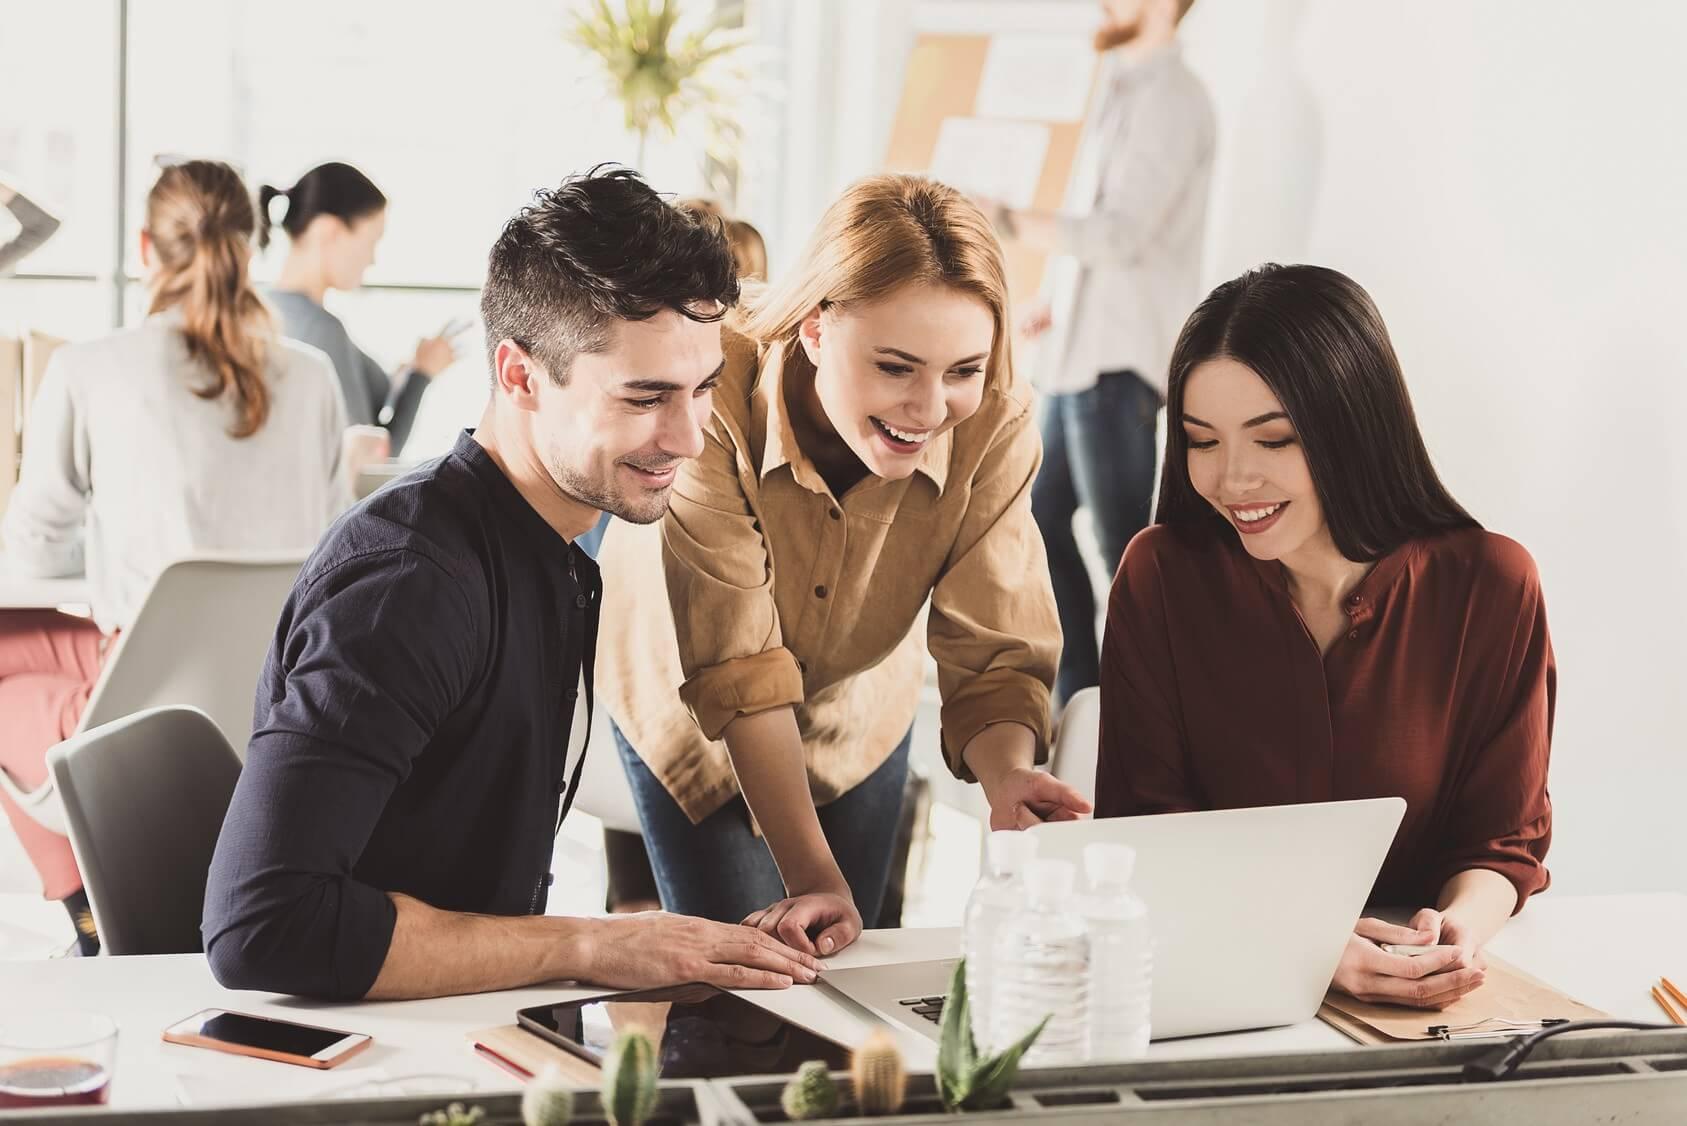 رقابت و پیشرفت در کسب و کار با فناوری های جدید